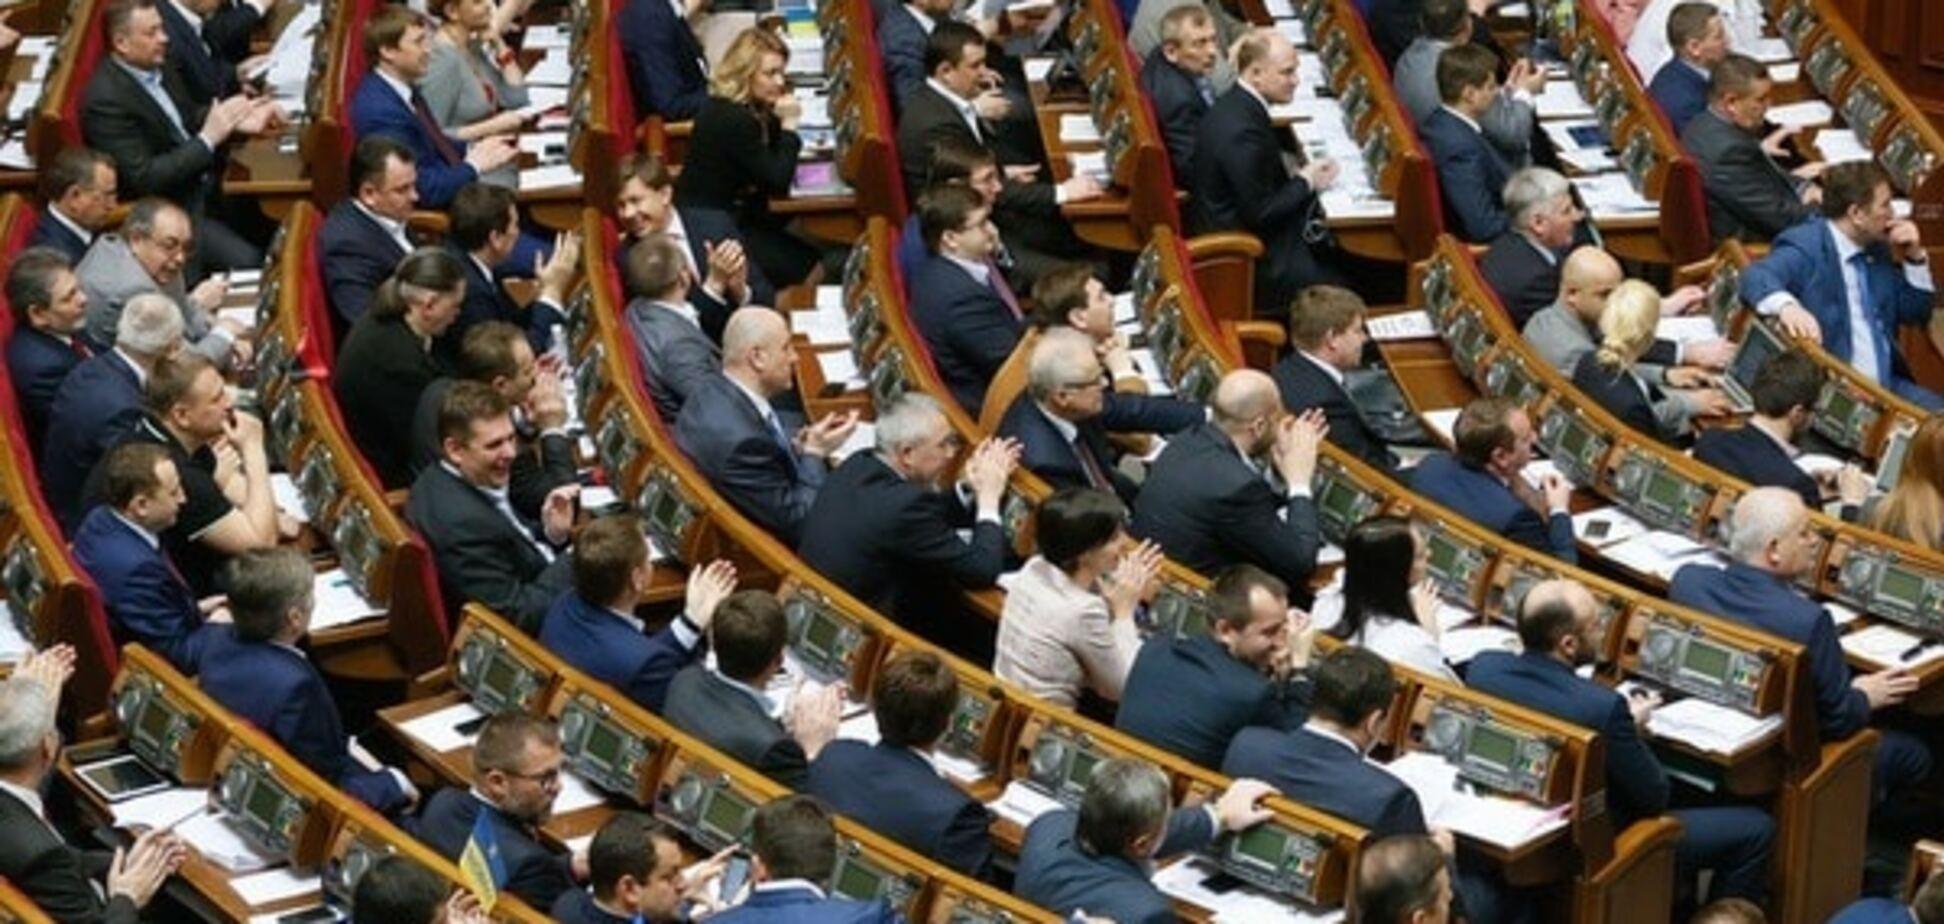 Ризик є: в Раді спрогнозували рішення щодо особливого статусу і виборів на Донбасі